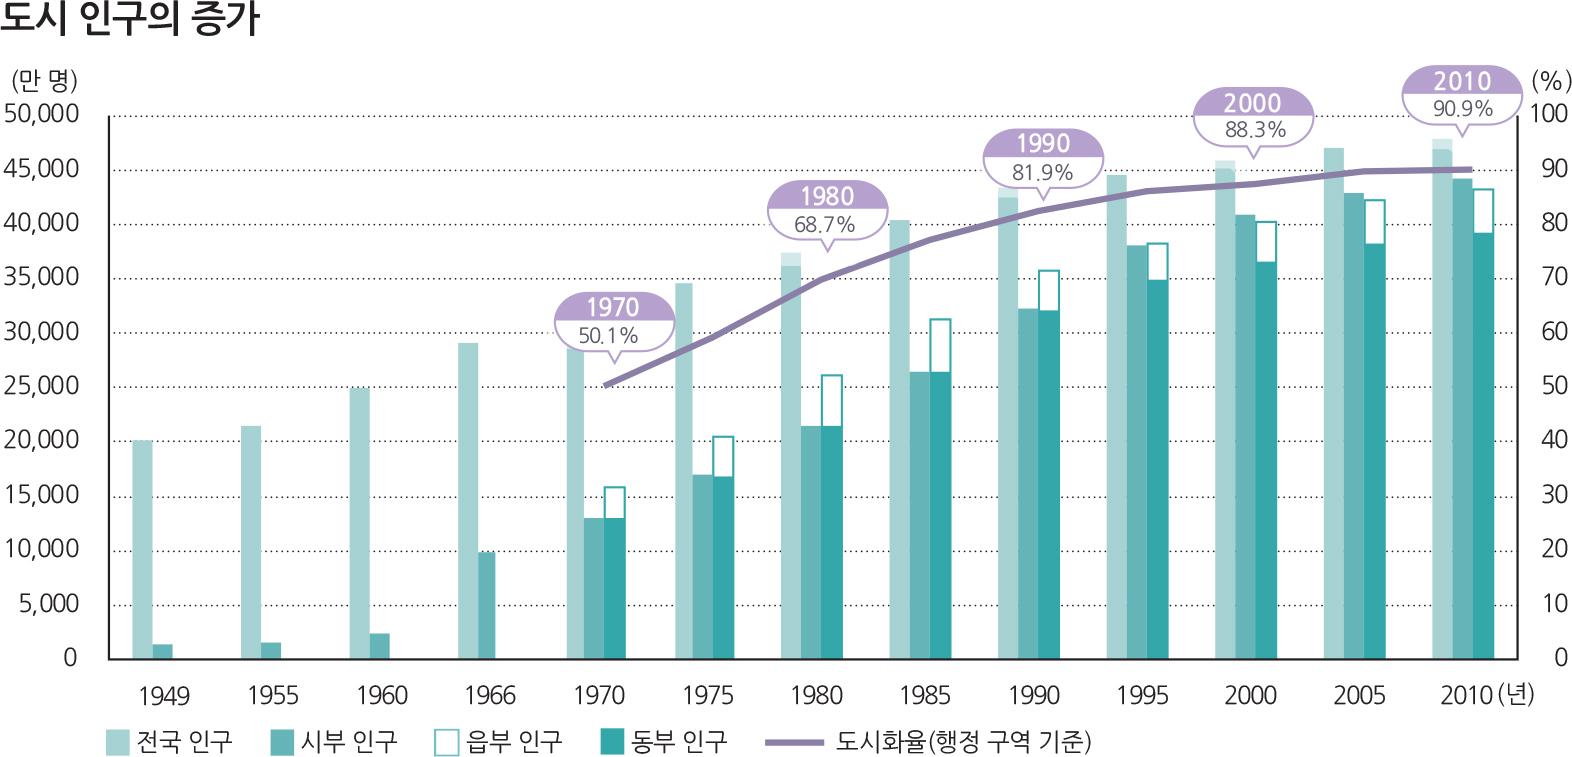 도시 인구의 증가